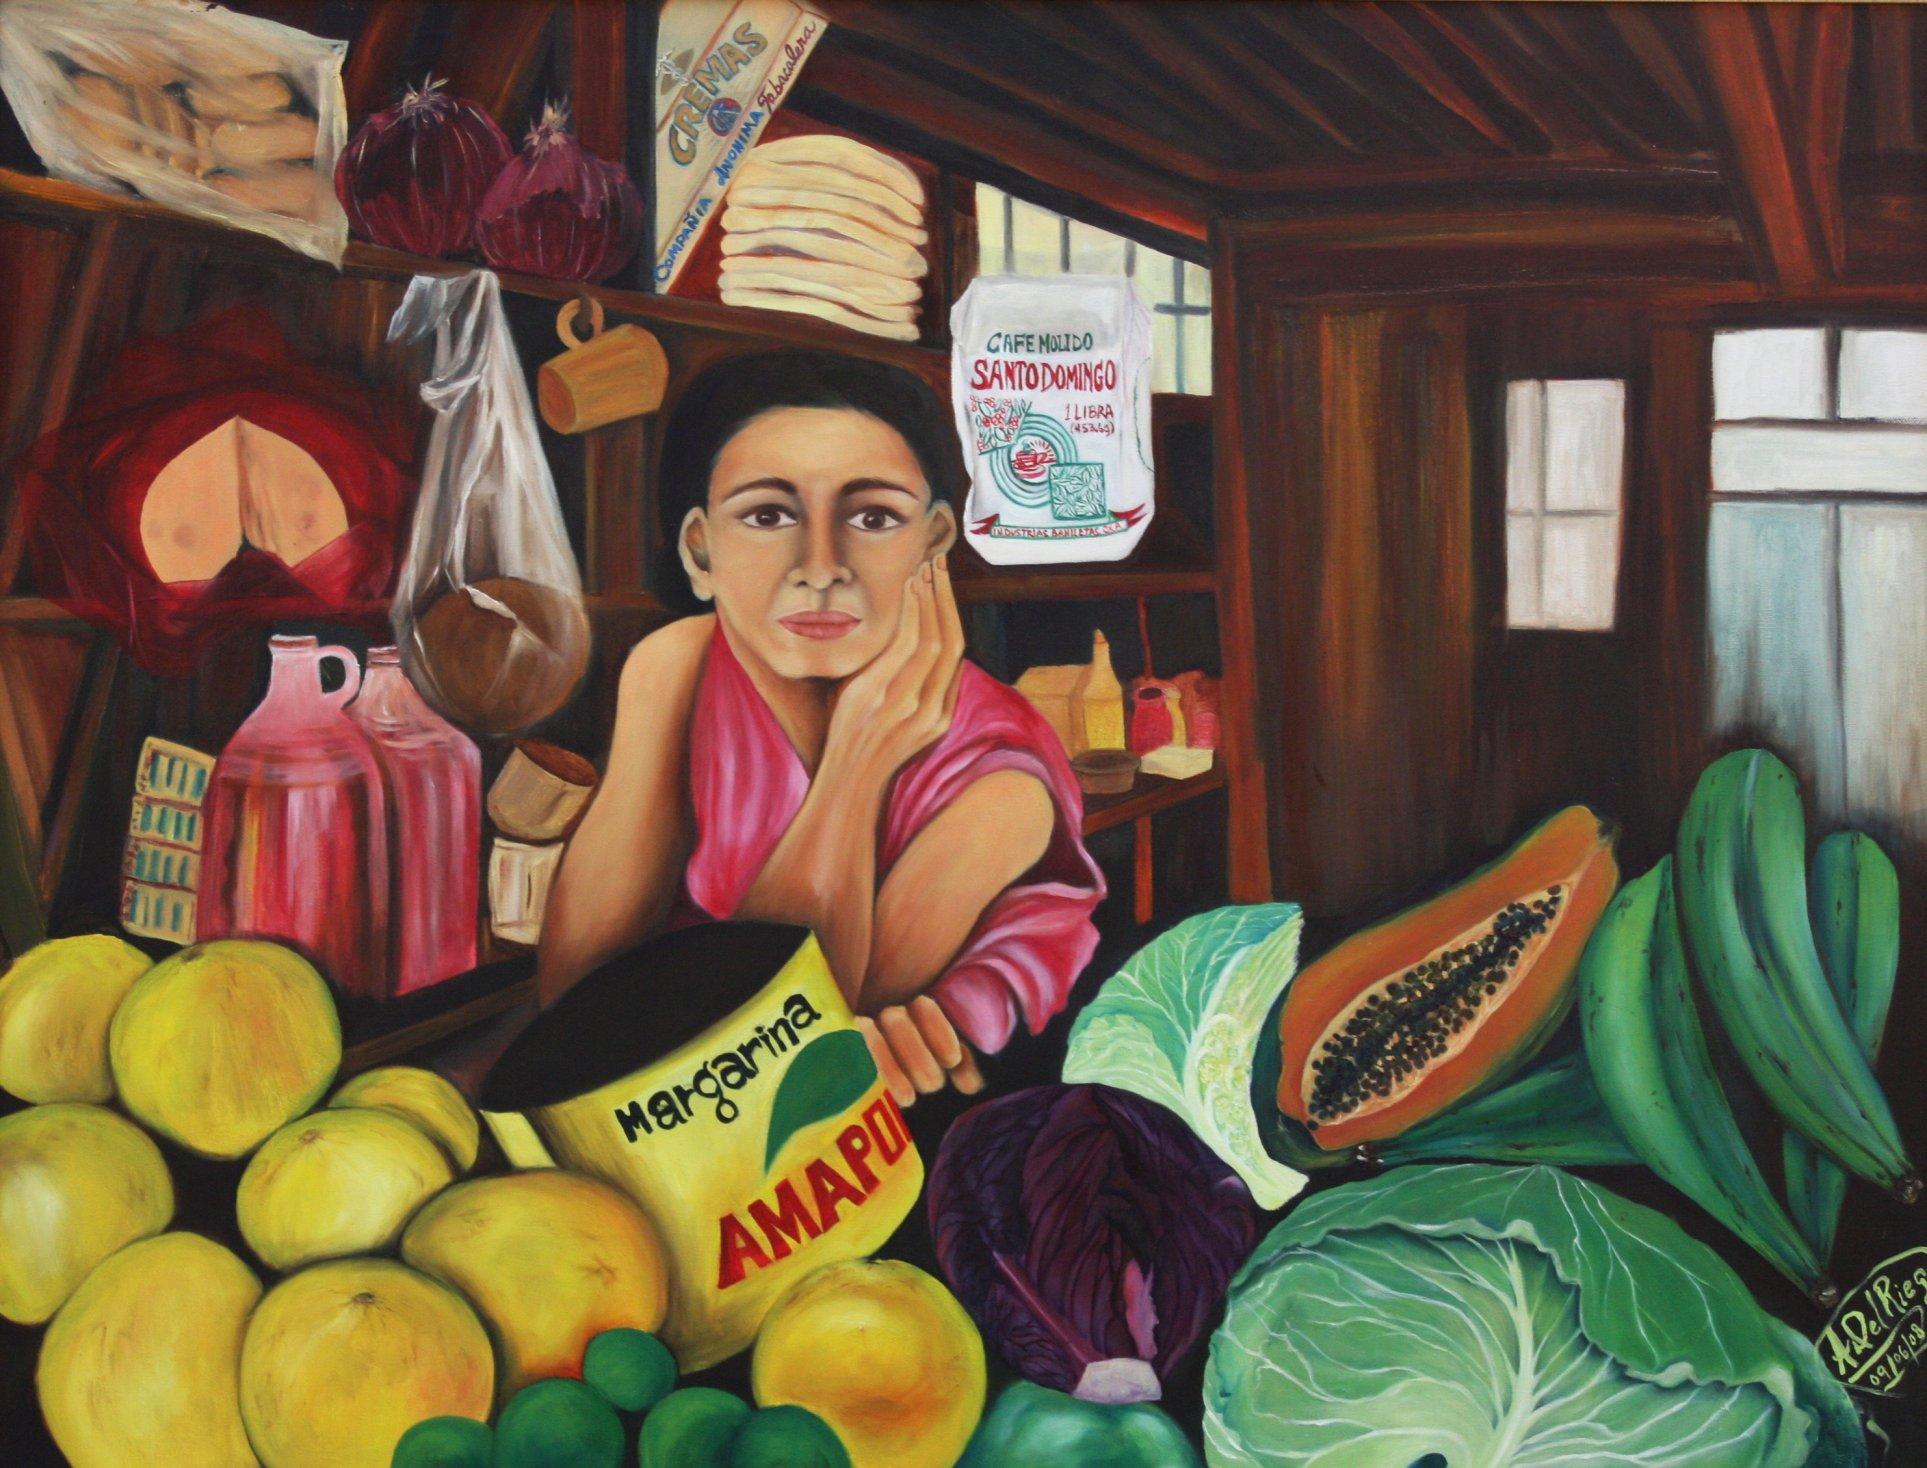 In the Market (La Marchanta en el Mercado) (2008) - Angie Del Riego